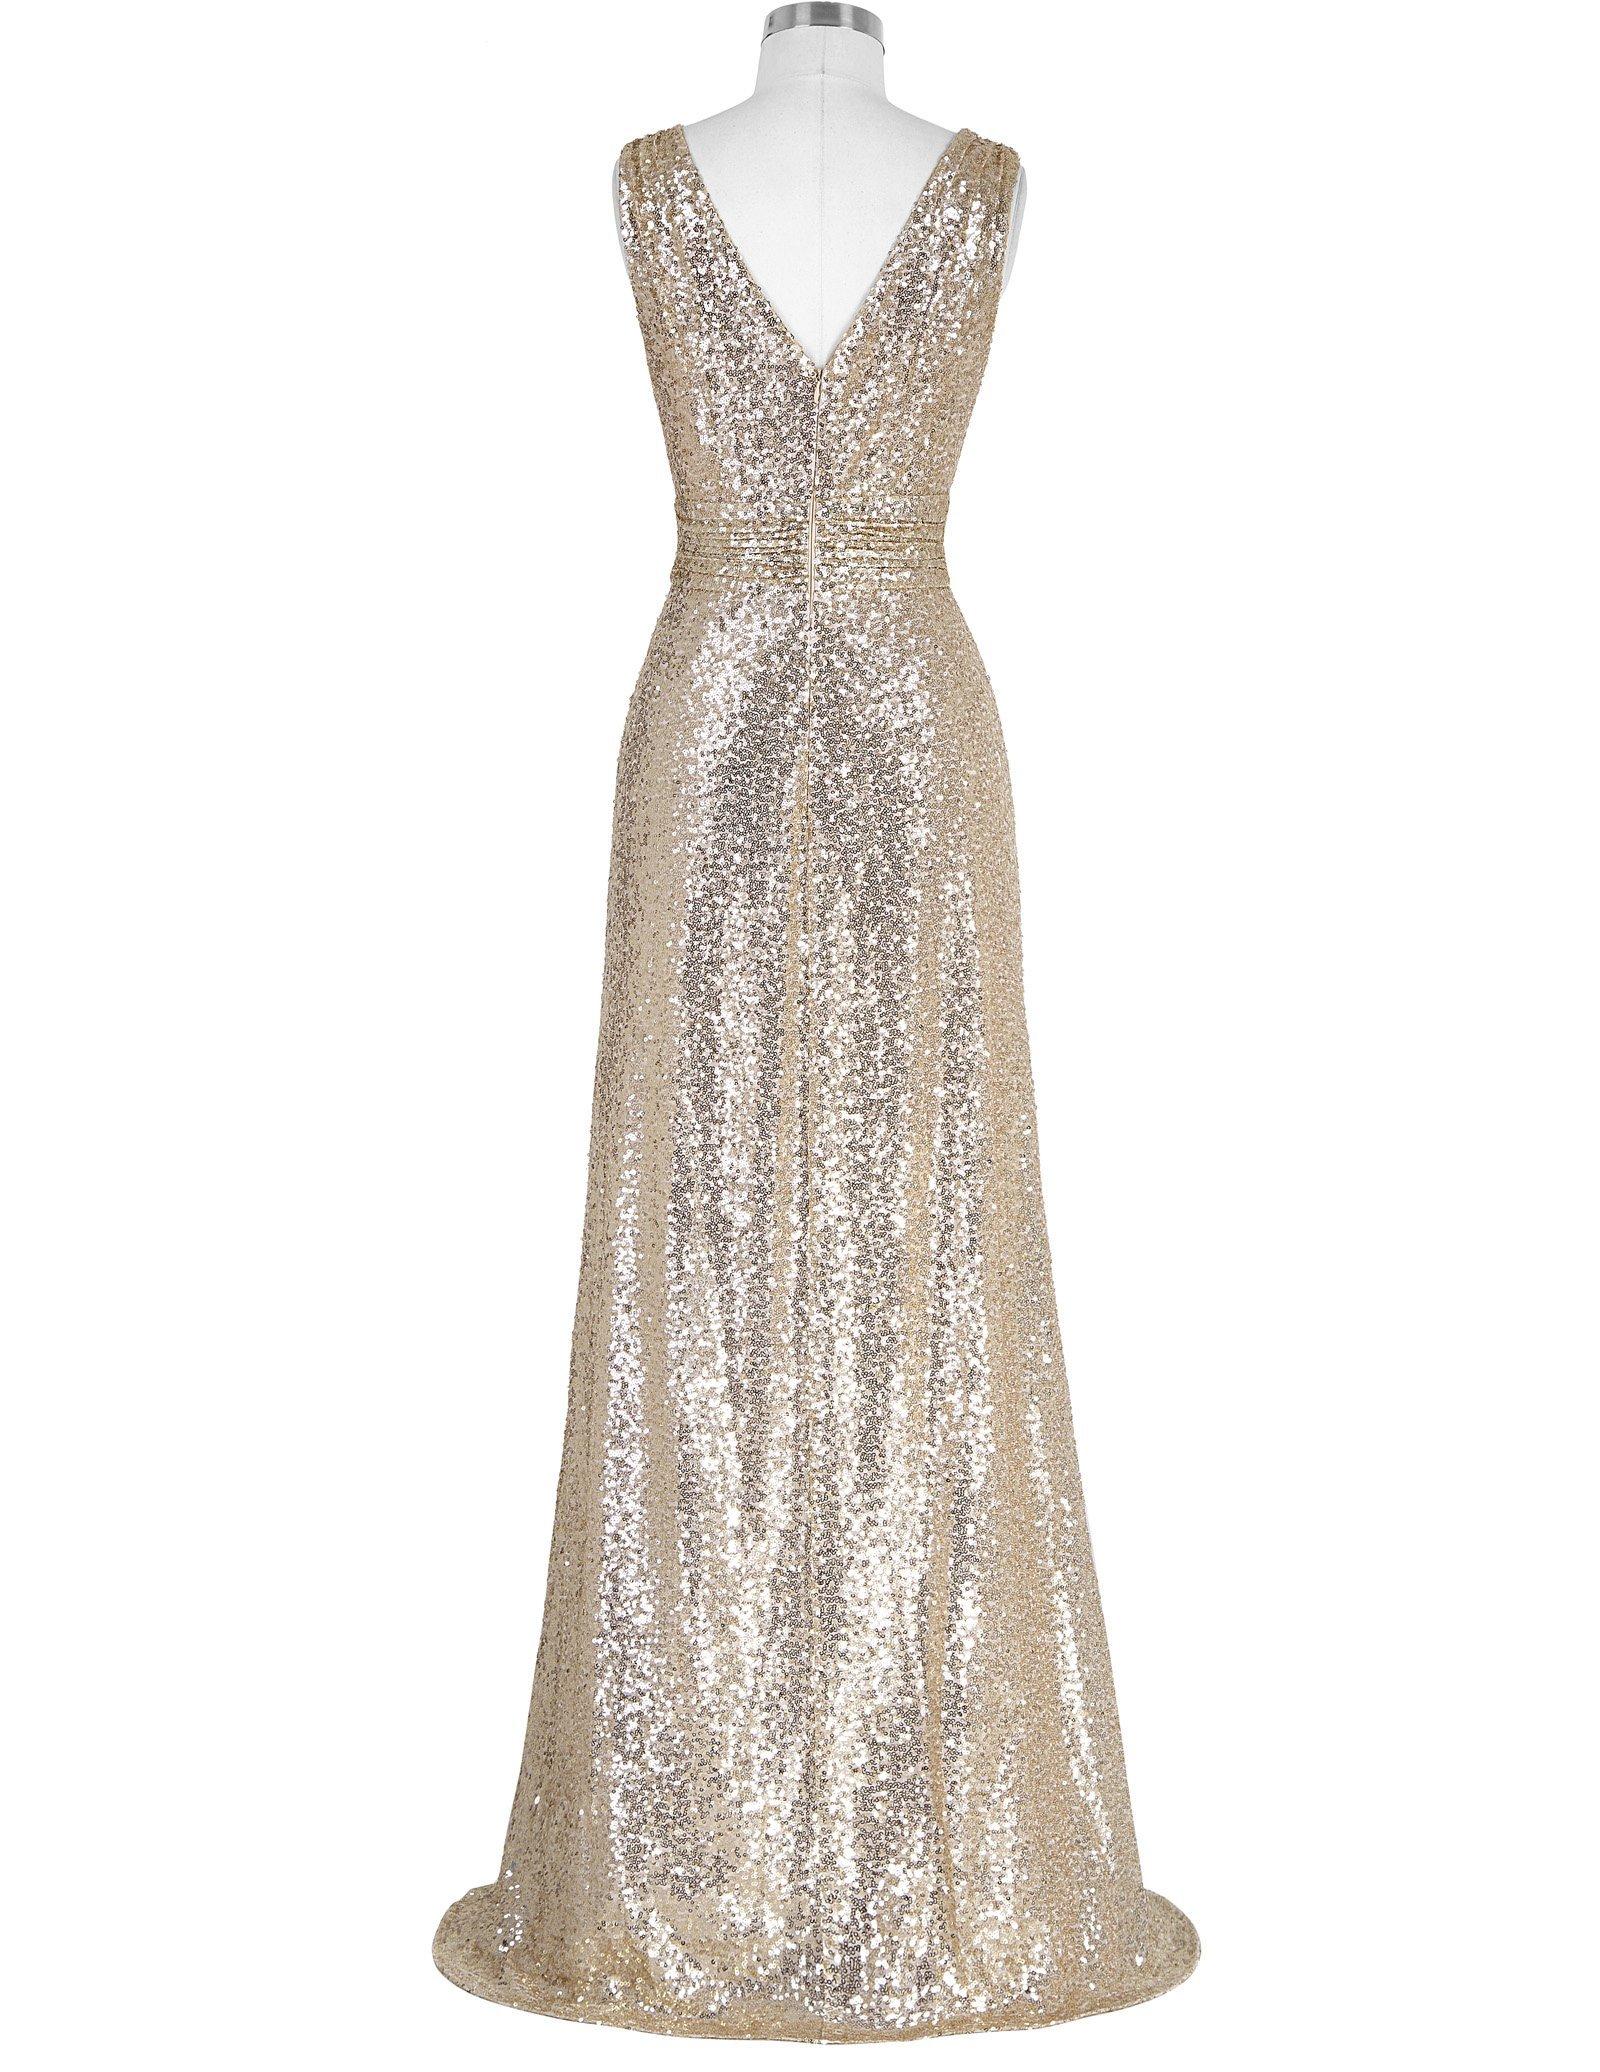 Kate Kasin V Neck Shining Evening Plus Size Prom Dress Light Gold Size 12 KK199 by Kate Kasin (Image #2)